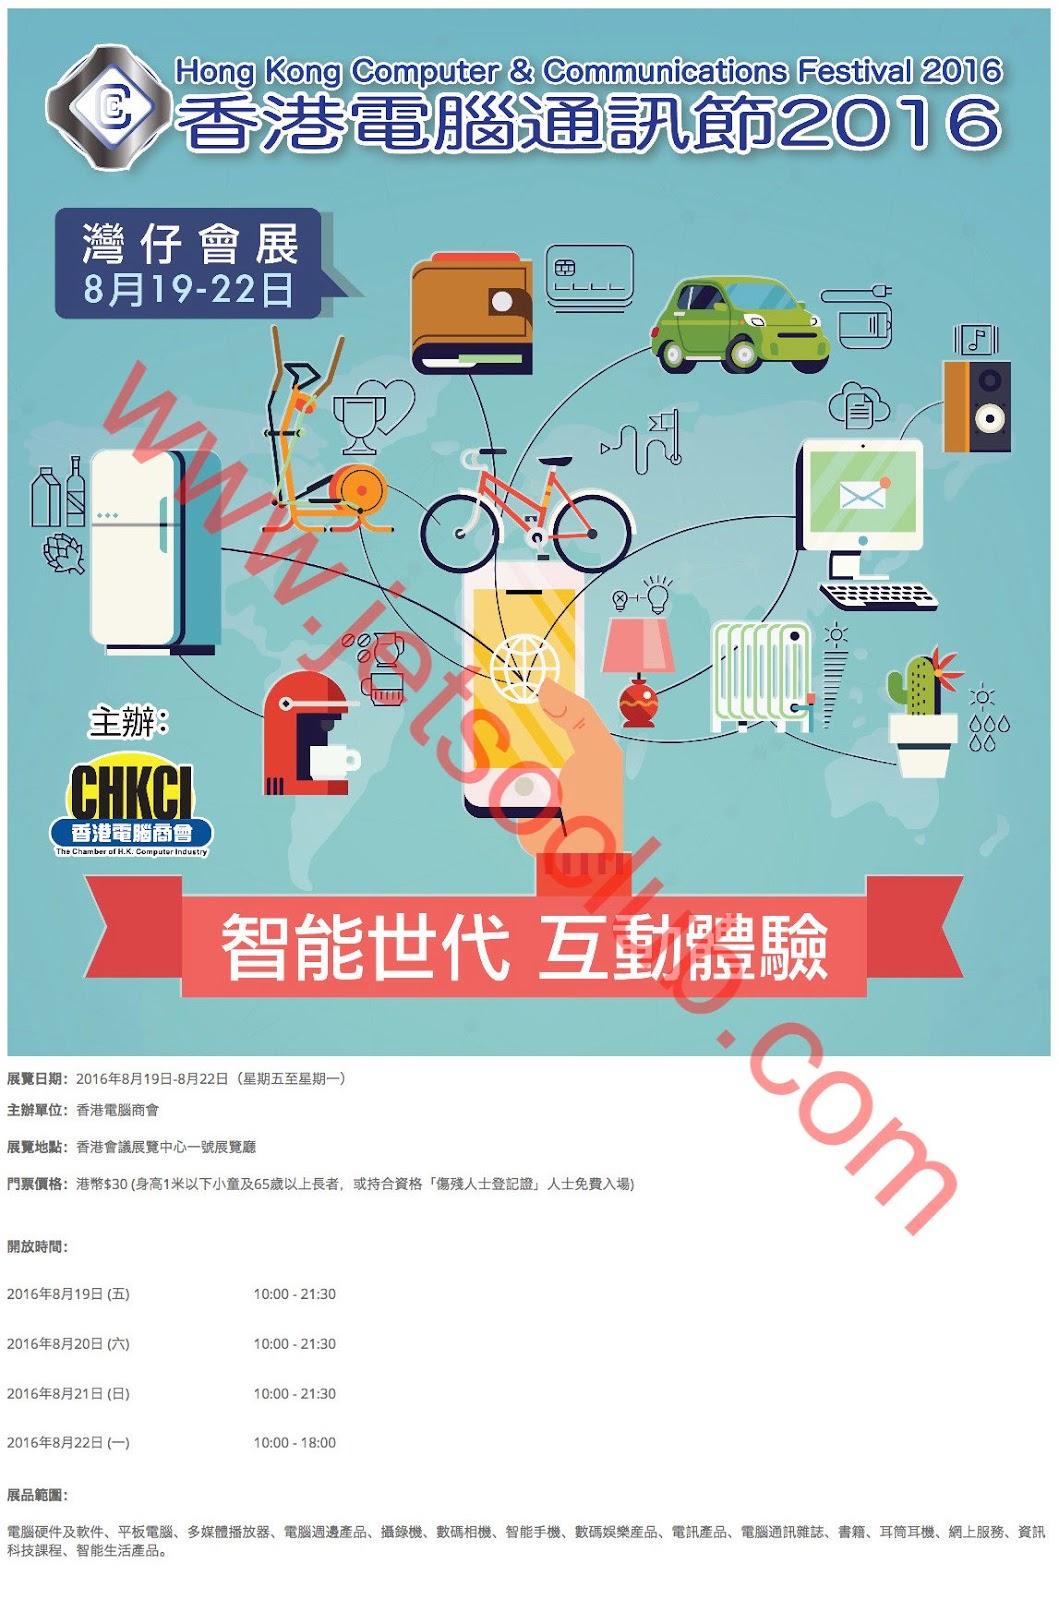 香港電腦通訊節2016(19-22/8) ( Jetso Club 著數俱樂部 )